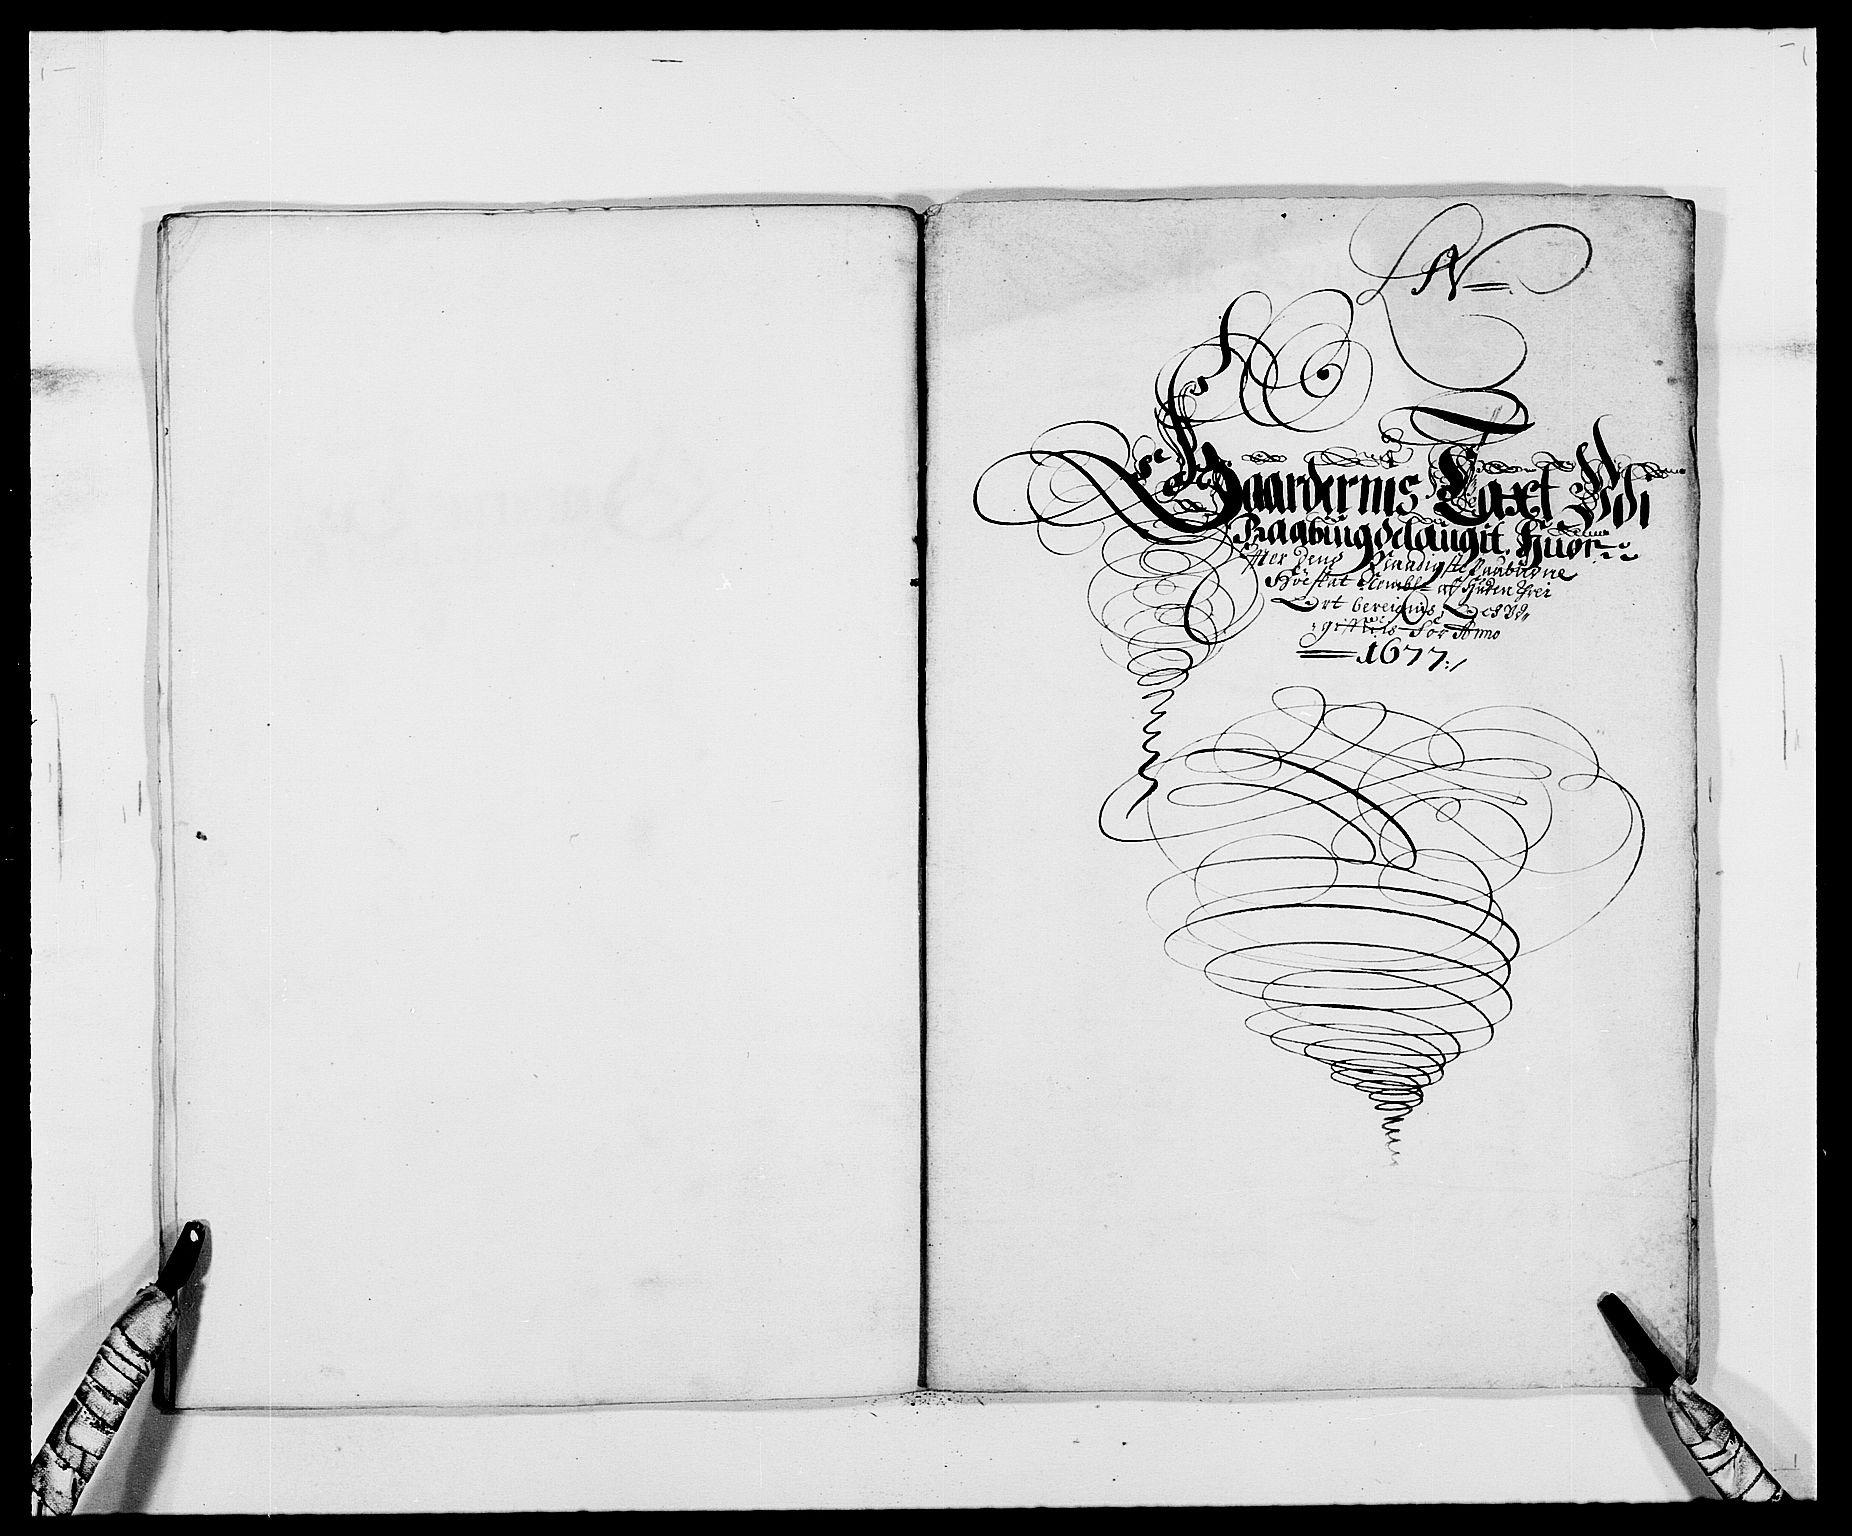 RA, Rentekammeret inntil 1814, Reviderte regnskaper, Fogderegnskap, R40/L2435: Fogderegnskap Råbyggelag, 1677-1678, s. 96